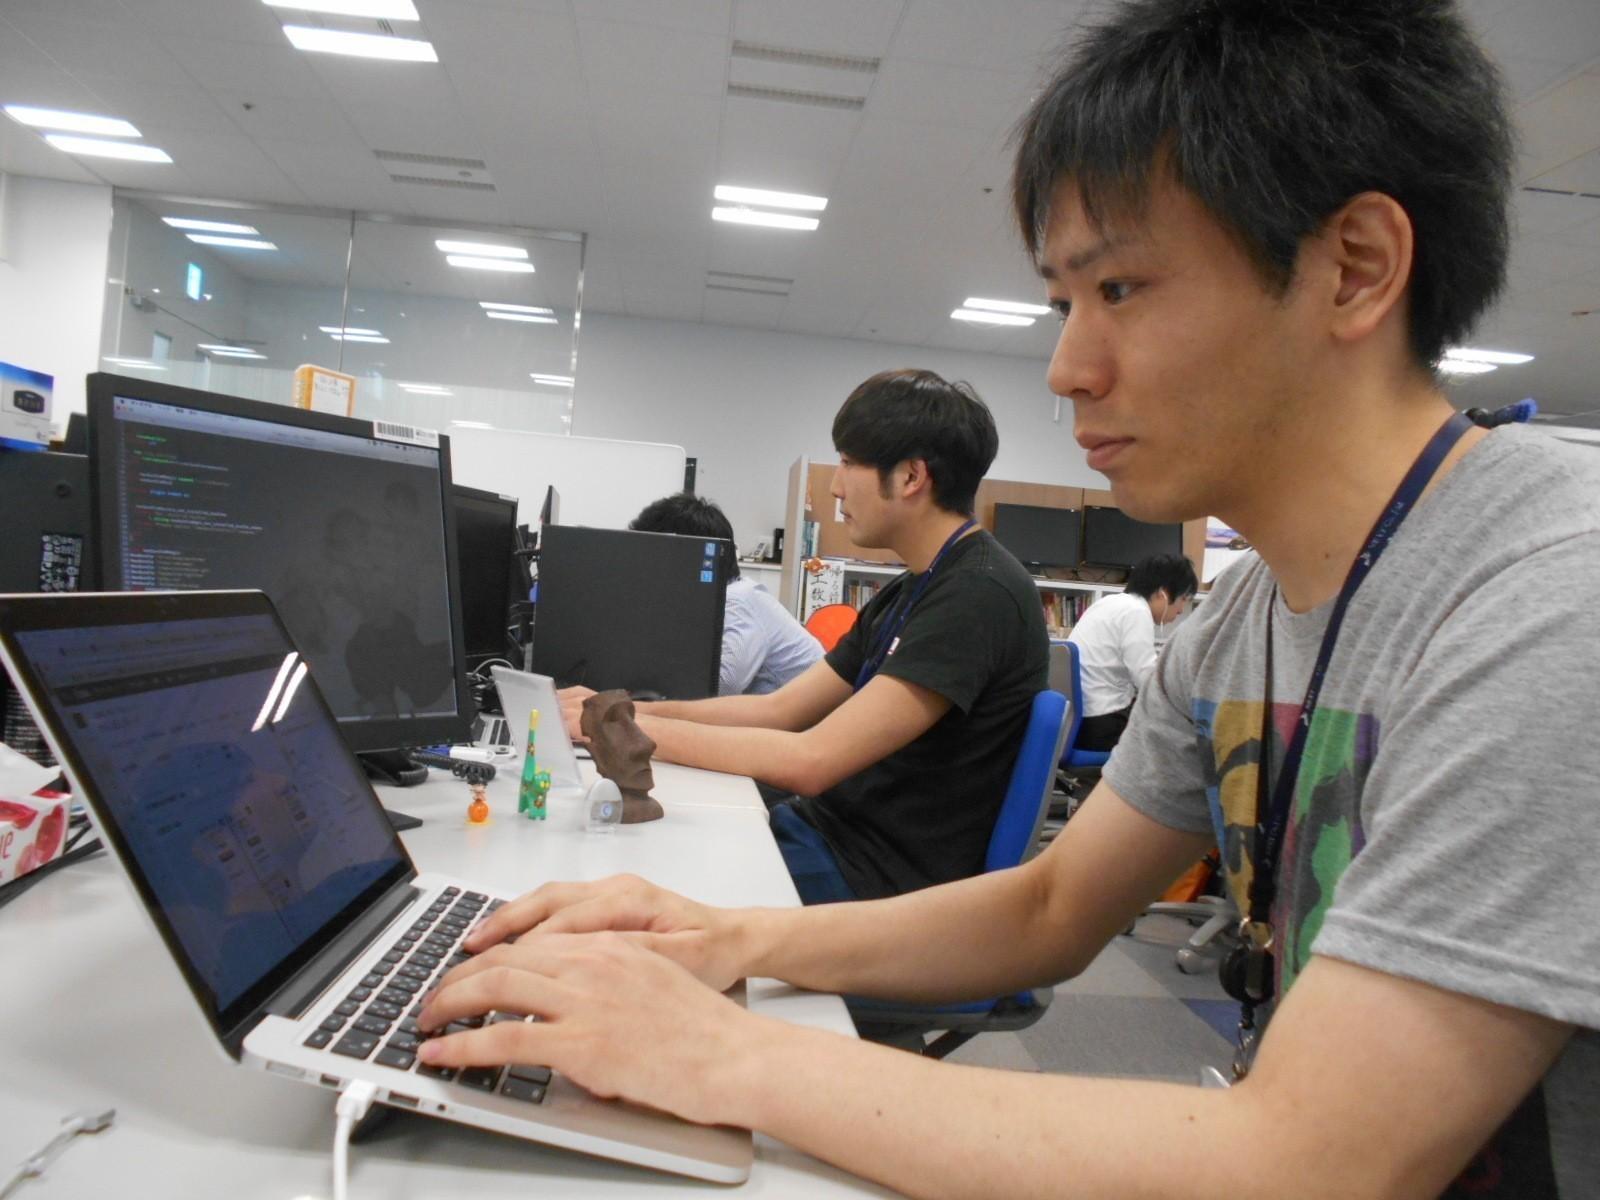 日本最大級の住まいの情報サイト「LIFULL HOME'S」の中古売買物件領域のサービス開発を担う技術リーダーを募集!